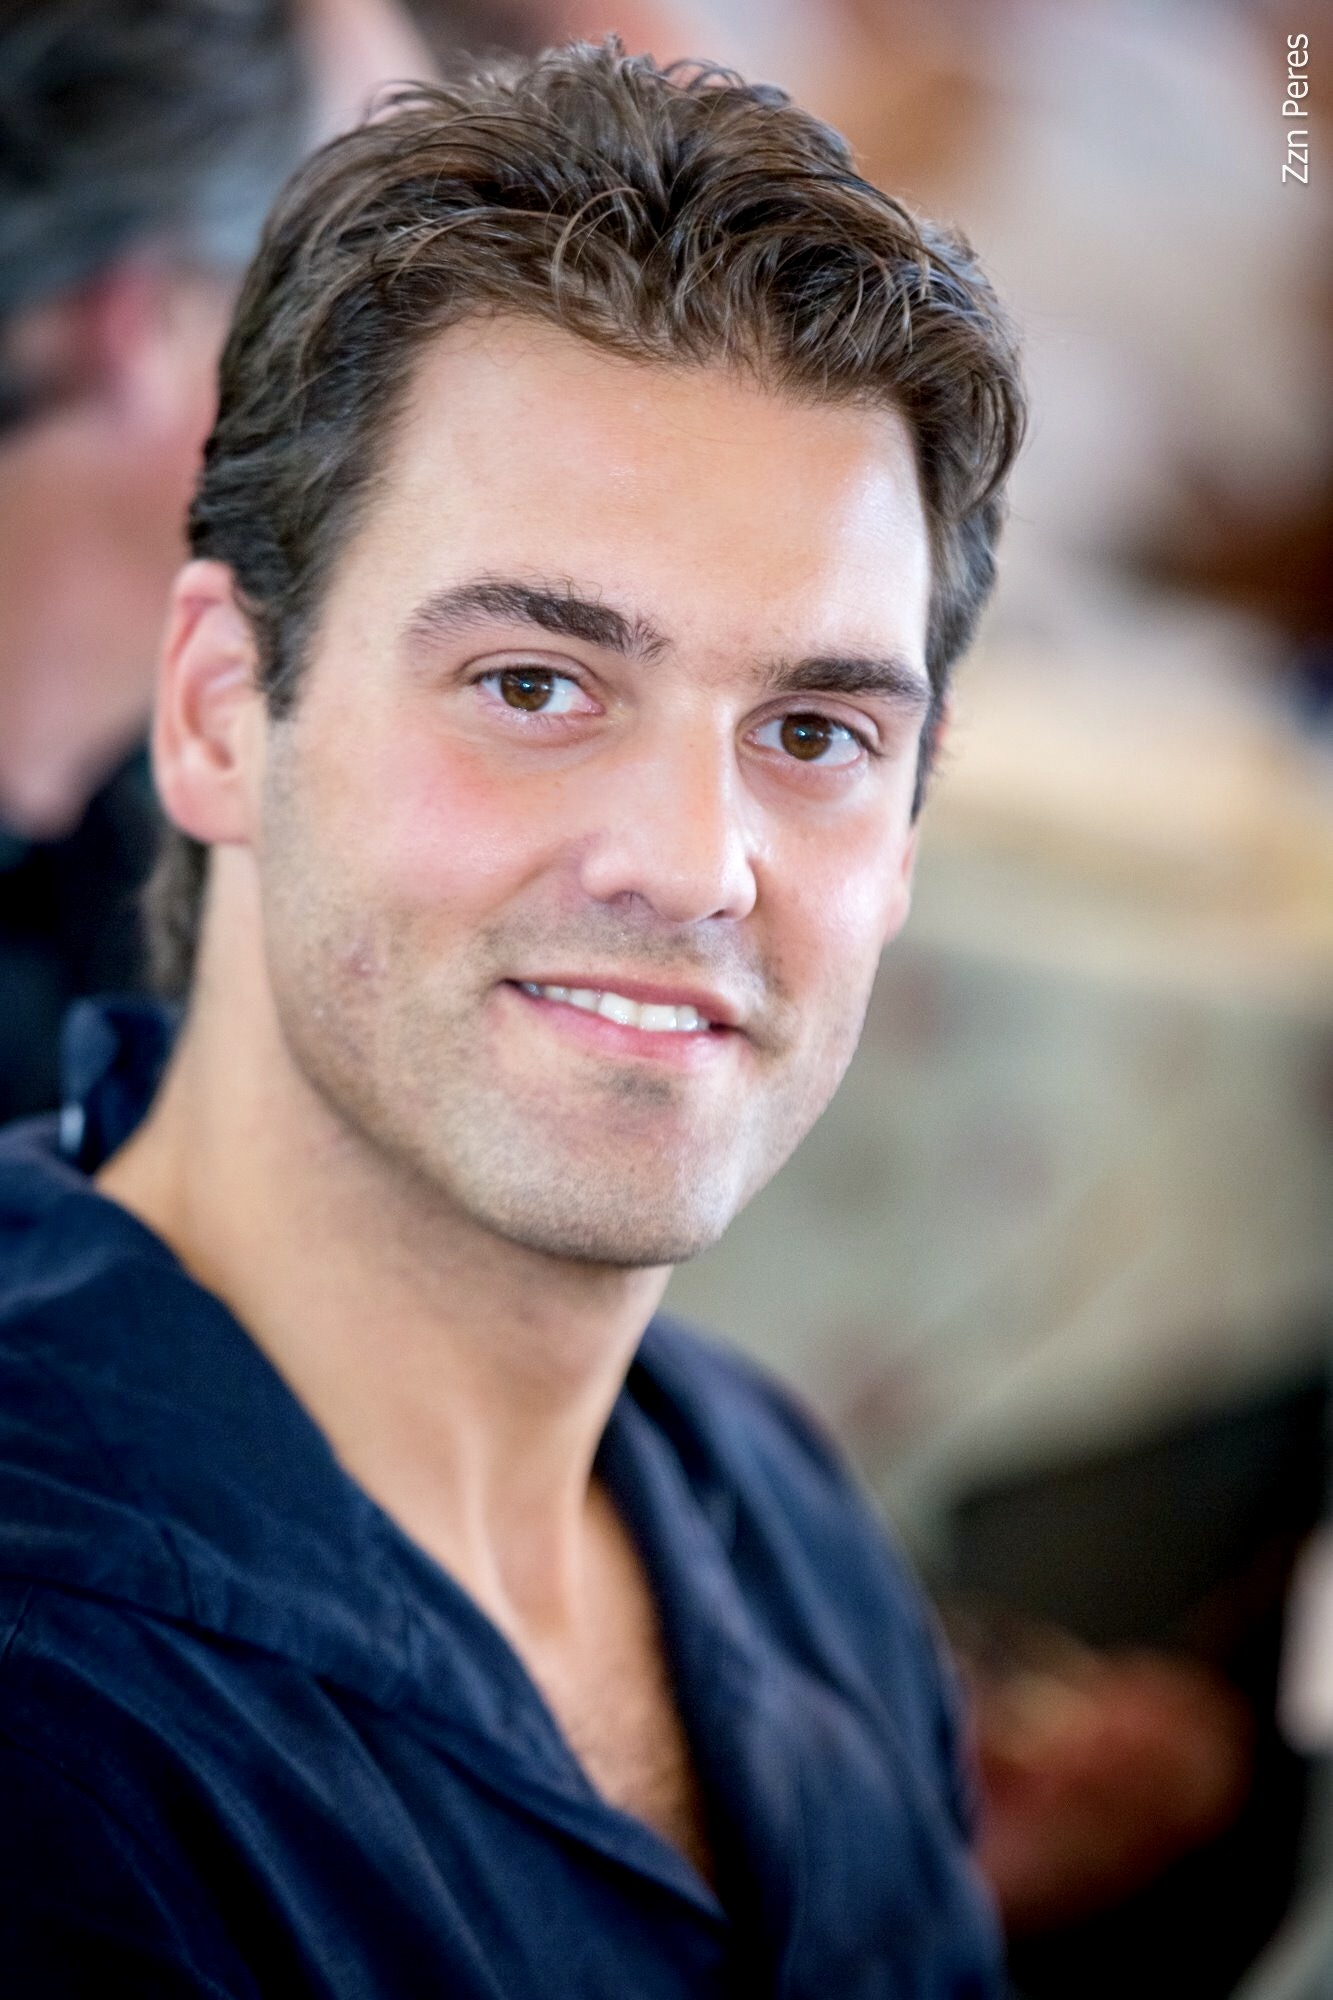 Gabriel Belli